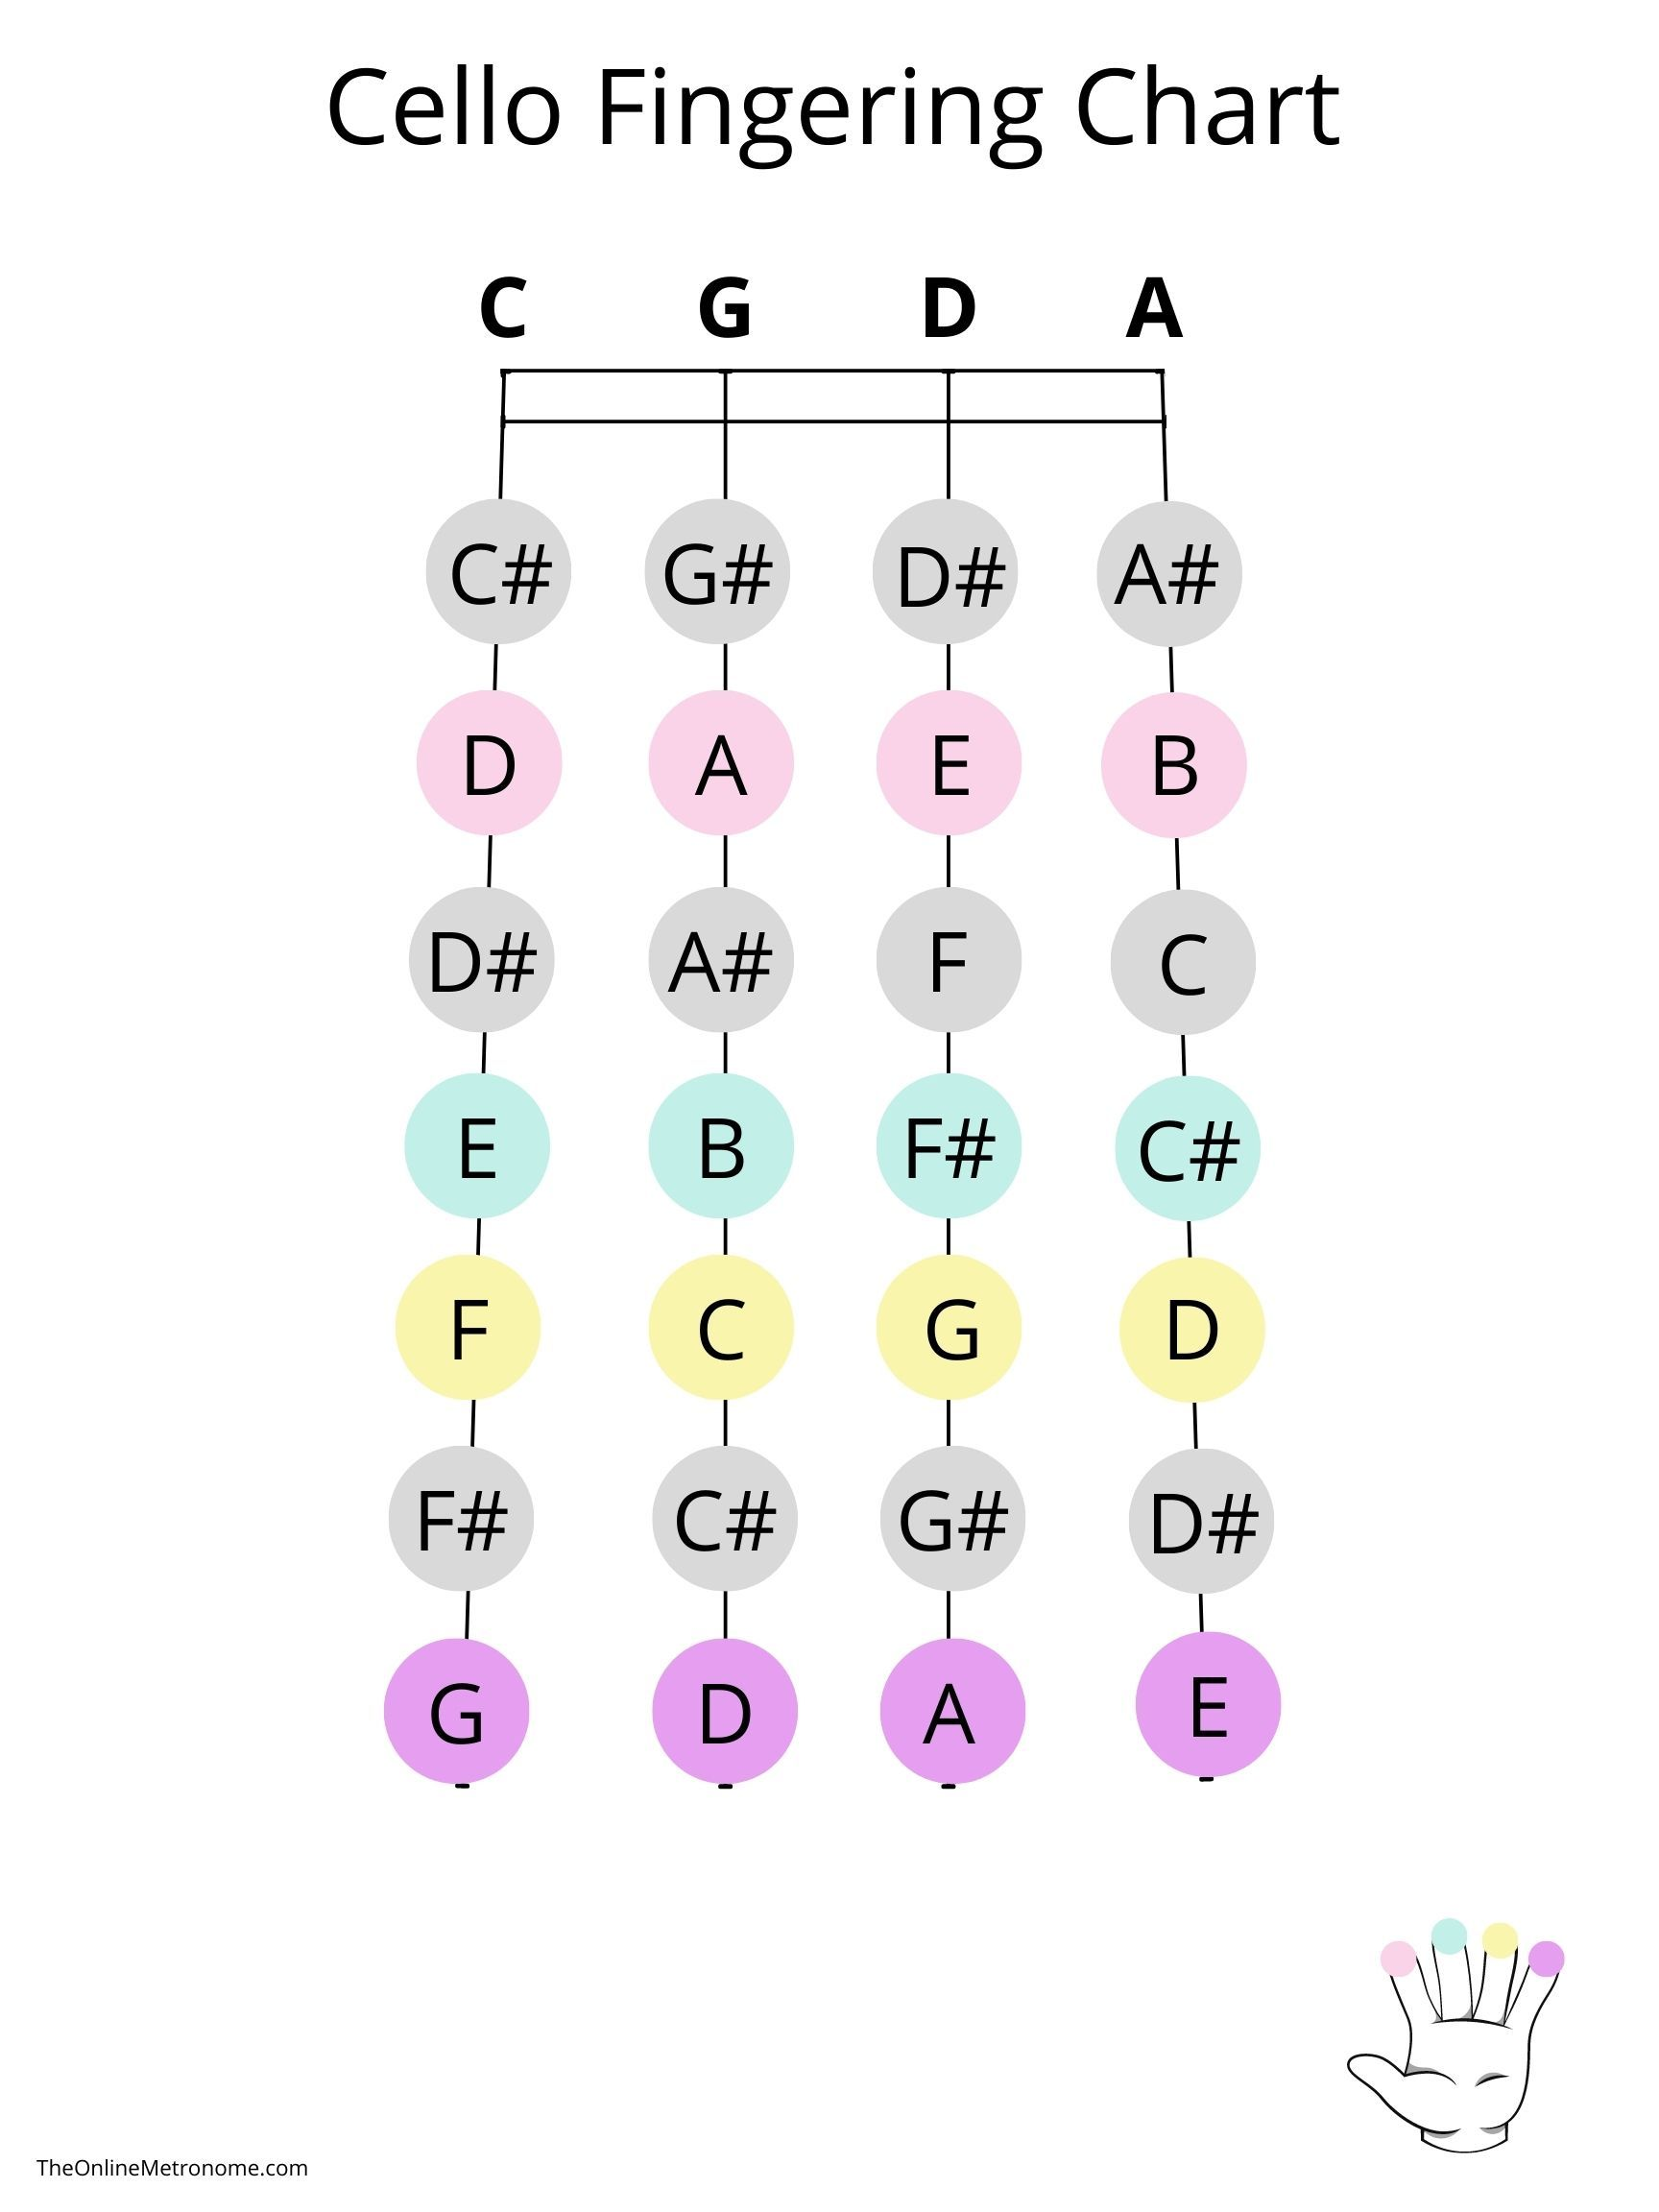 cello-fingering-chart.jpg